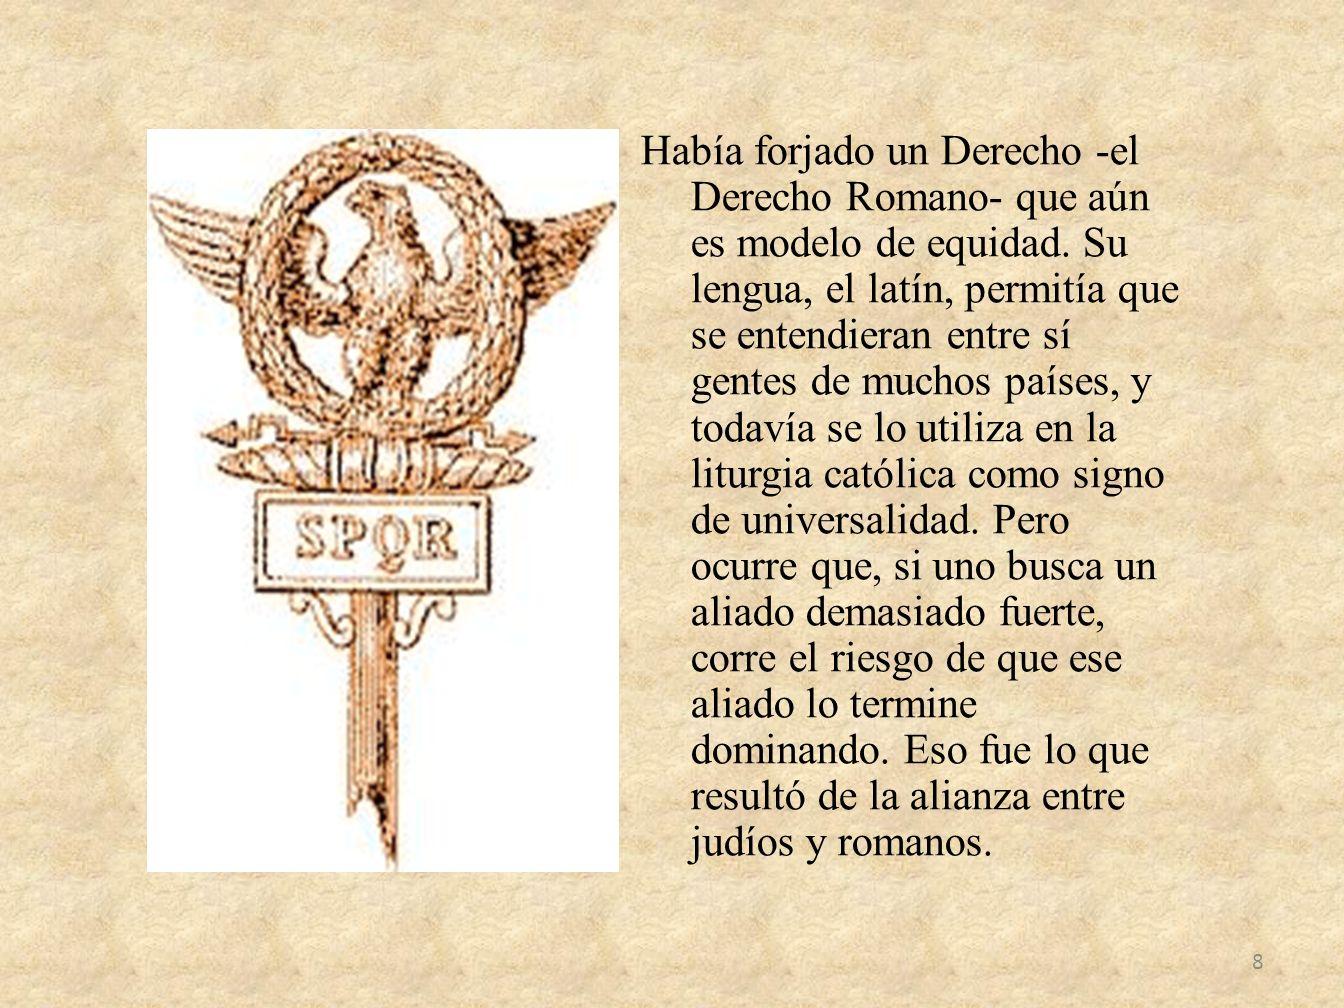 Había forjado un Derecho -el Derecho Romano- que aún es modelo de equidad. Su lengua, el latín, permitía que se entendieran entre sí gentes de muchos